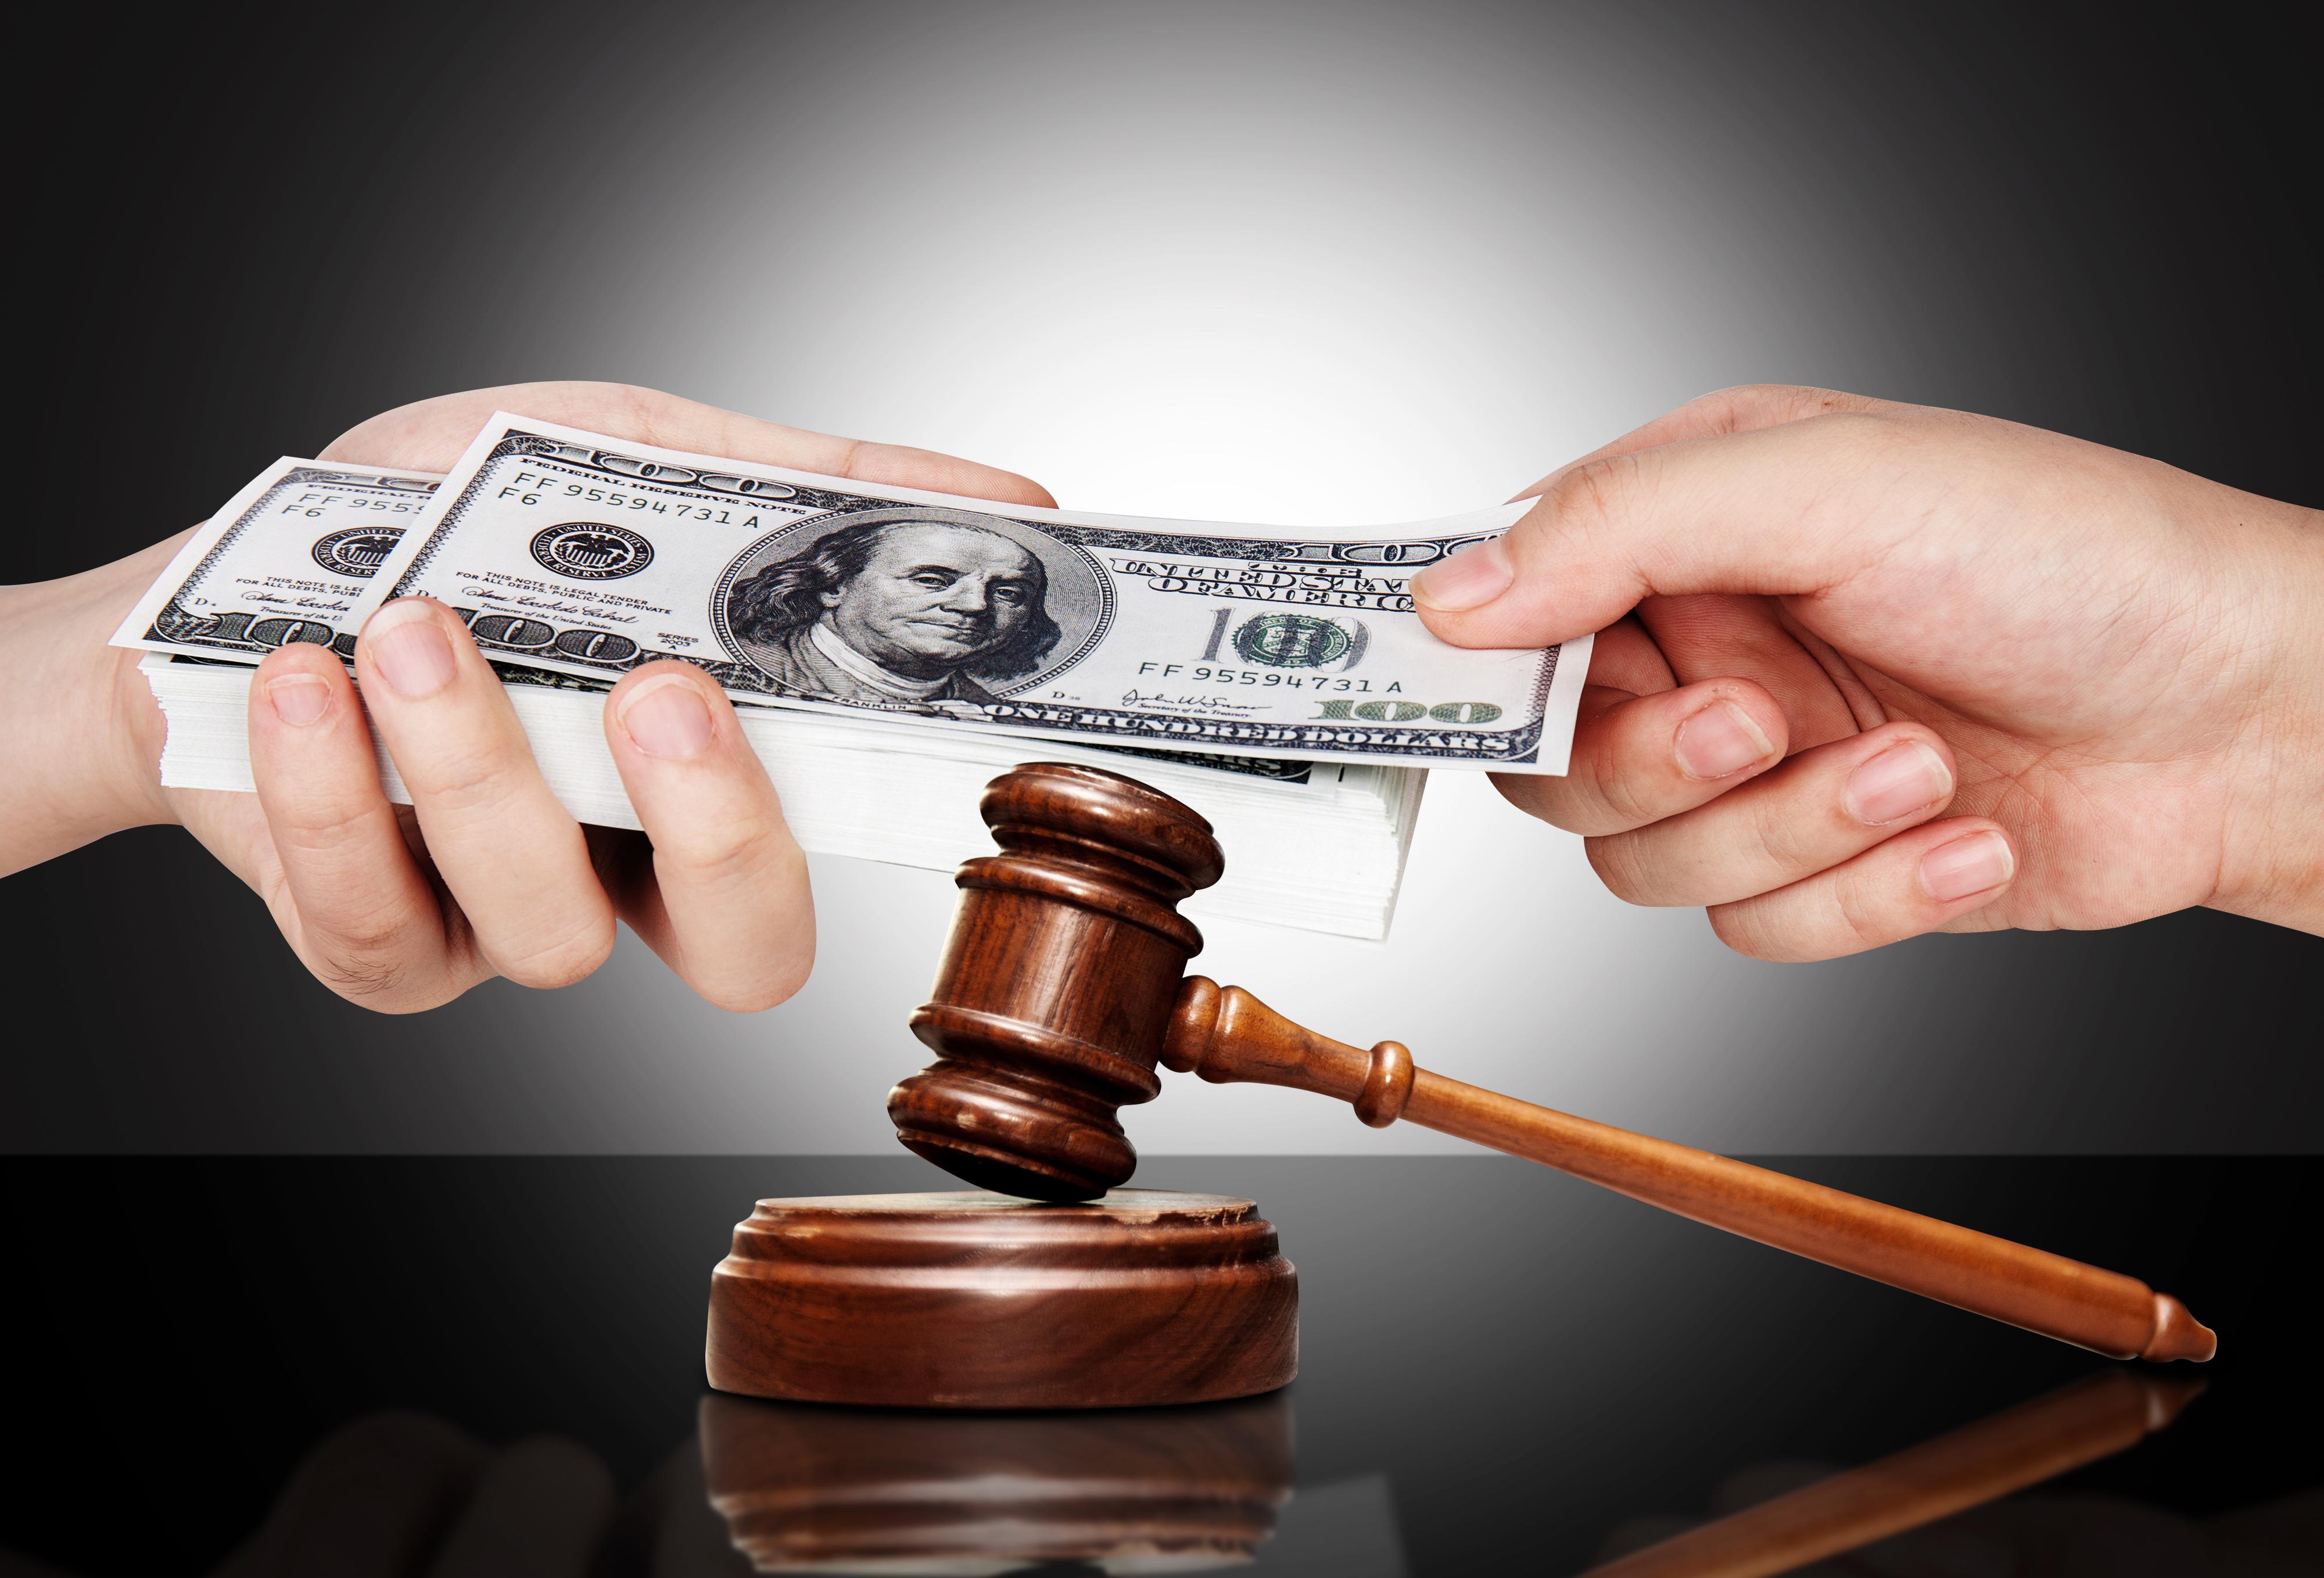 民间经济纠纷起诉流程是怎样的